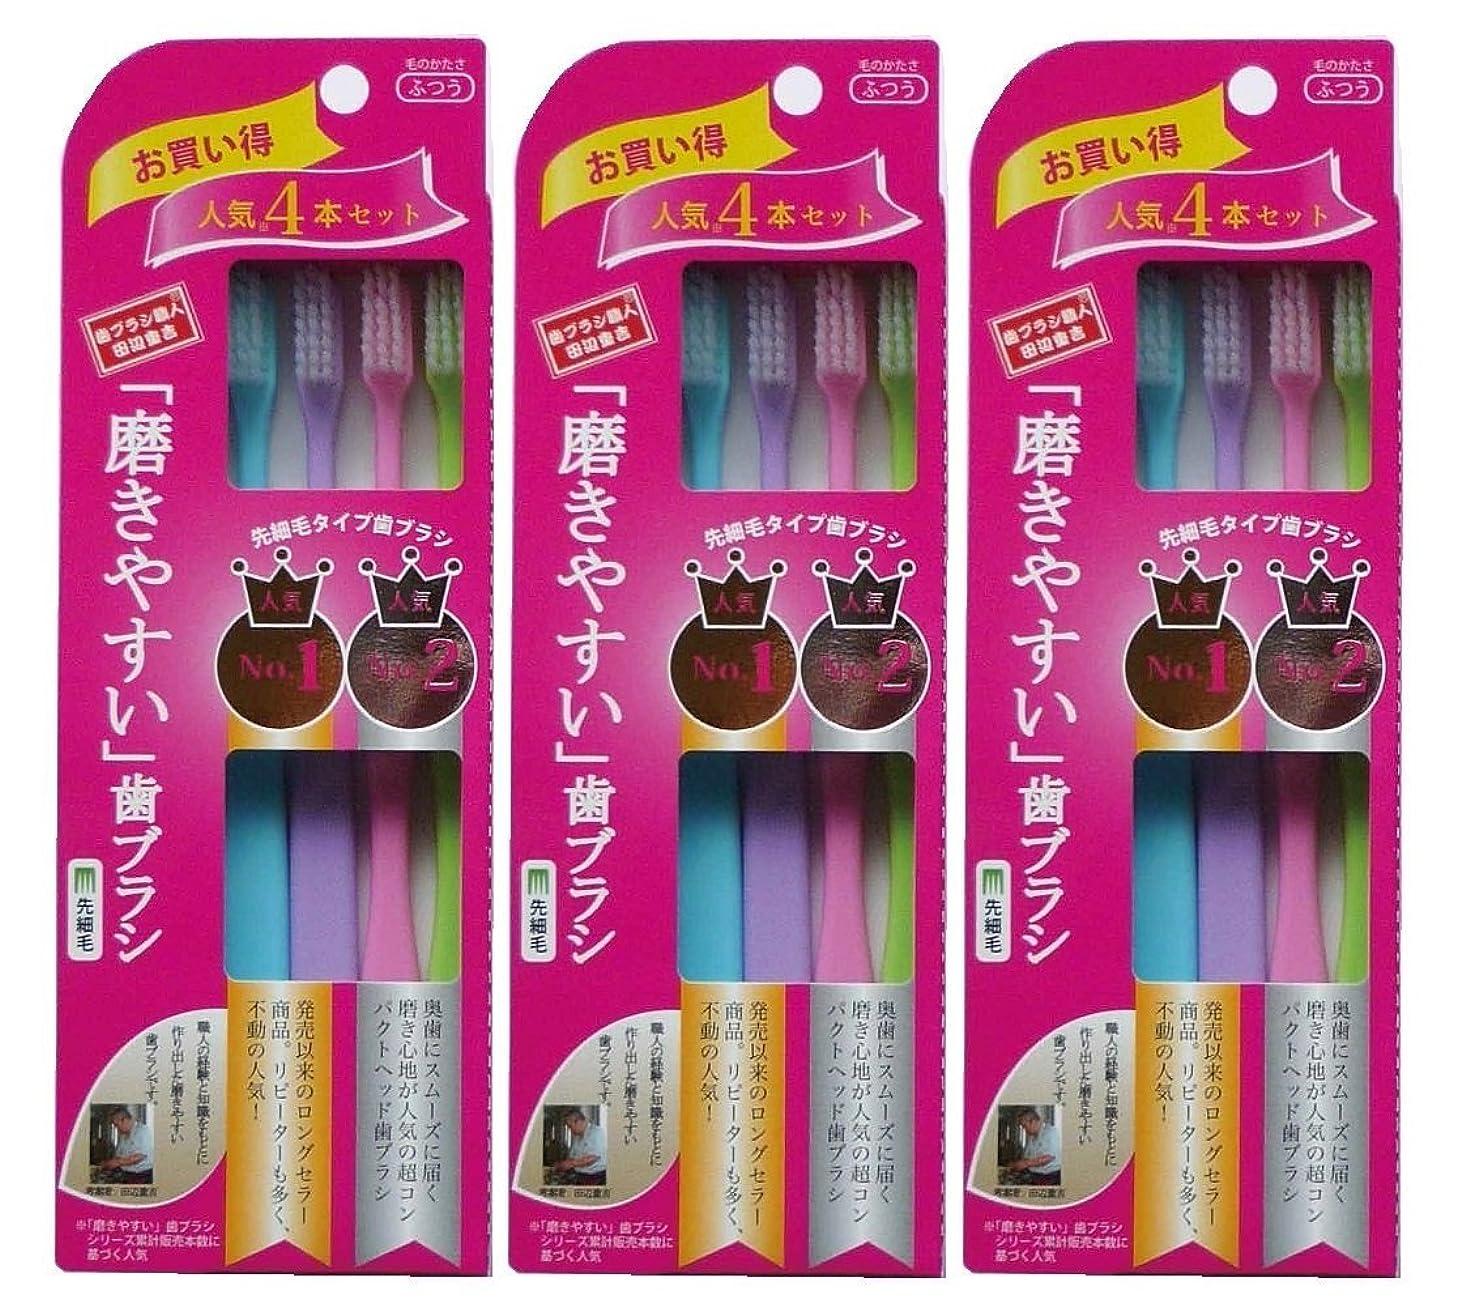 死ペチュランス連帯磨きやすい歯ブラシ 人気 No.1 No.2 先細毛 LT-21 4本組×3個セット